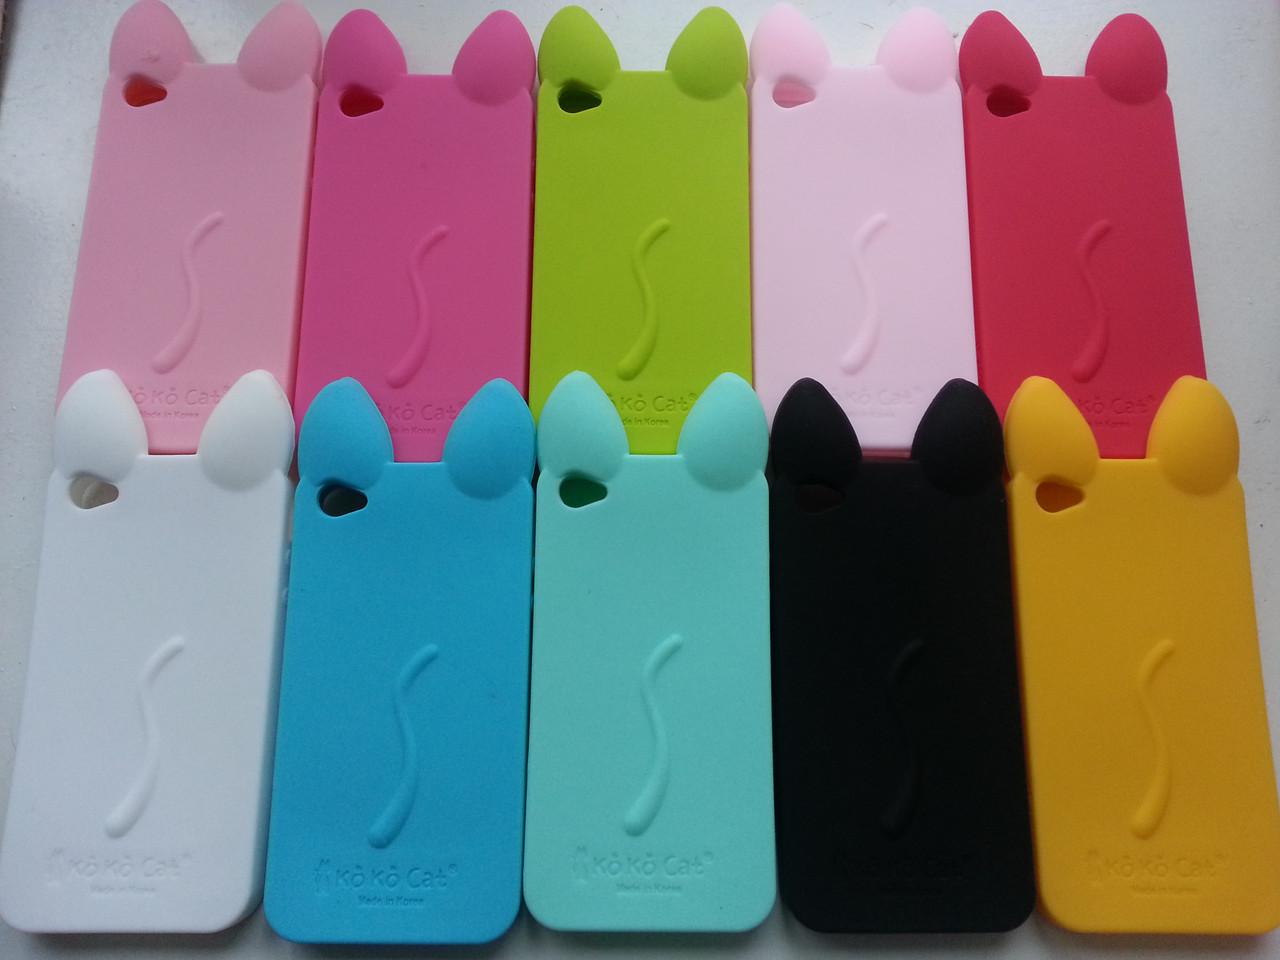 iphone 4 силиконовый чехол